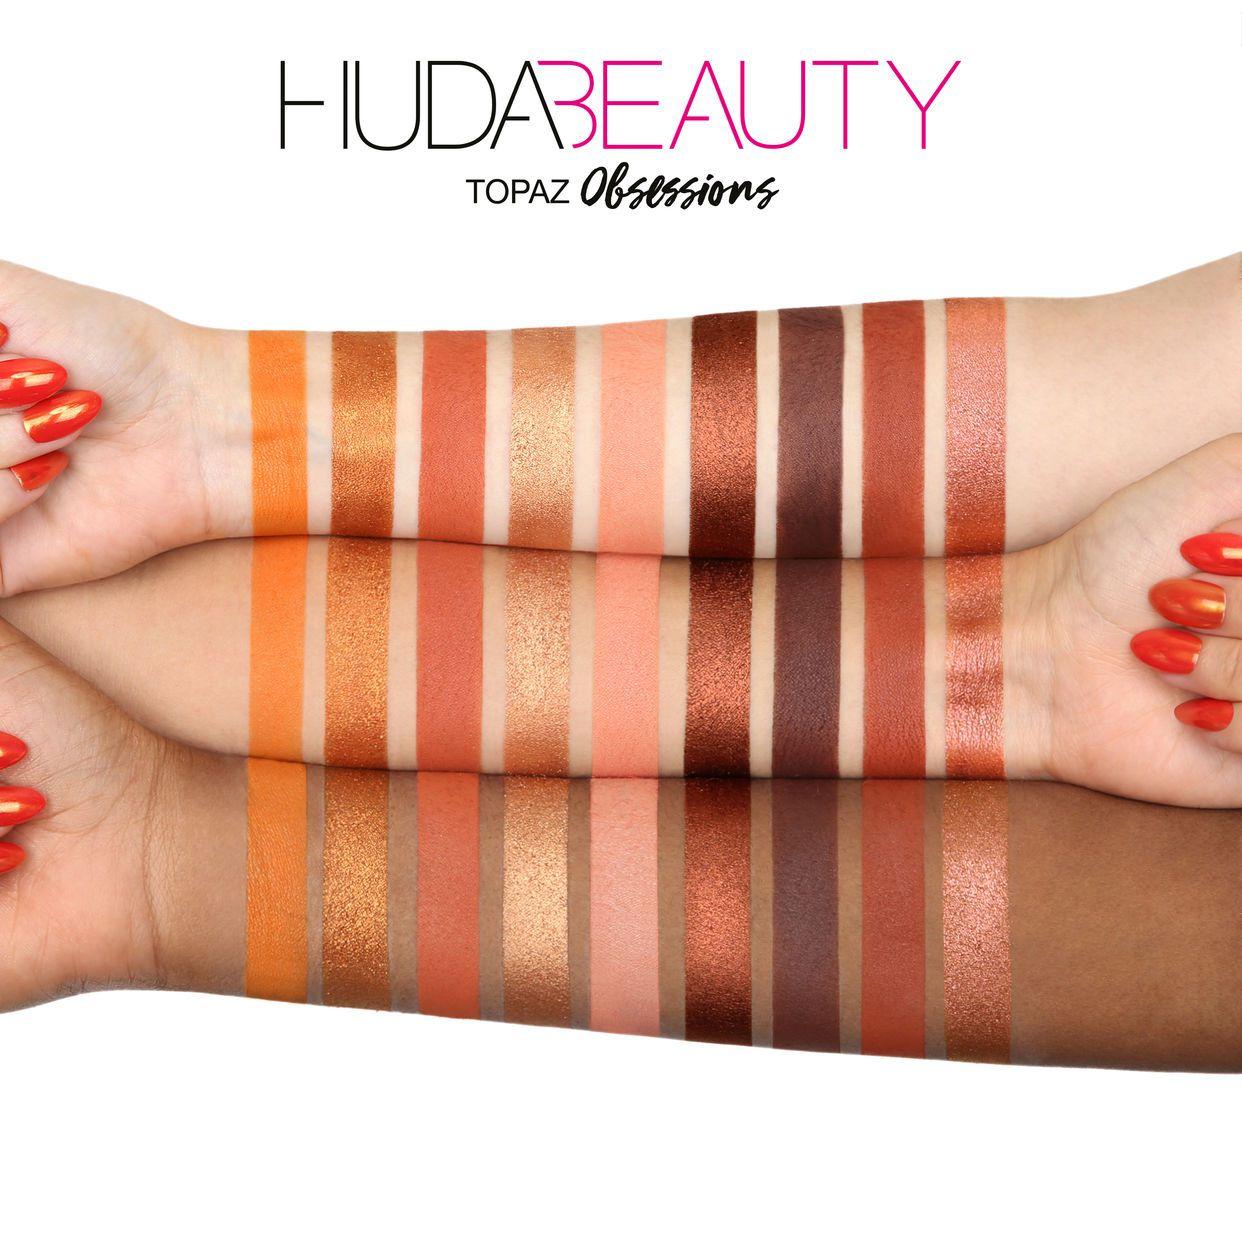 Paleta de Sombra Topaz | Huda Beauty